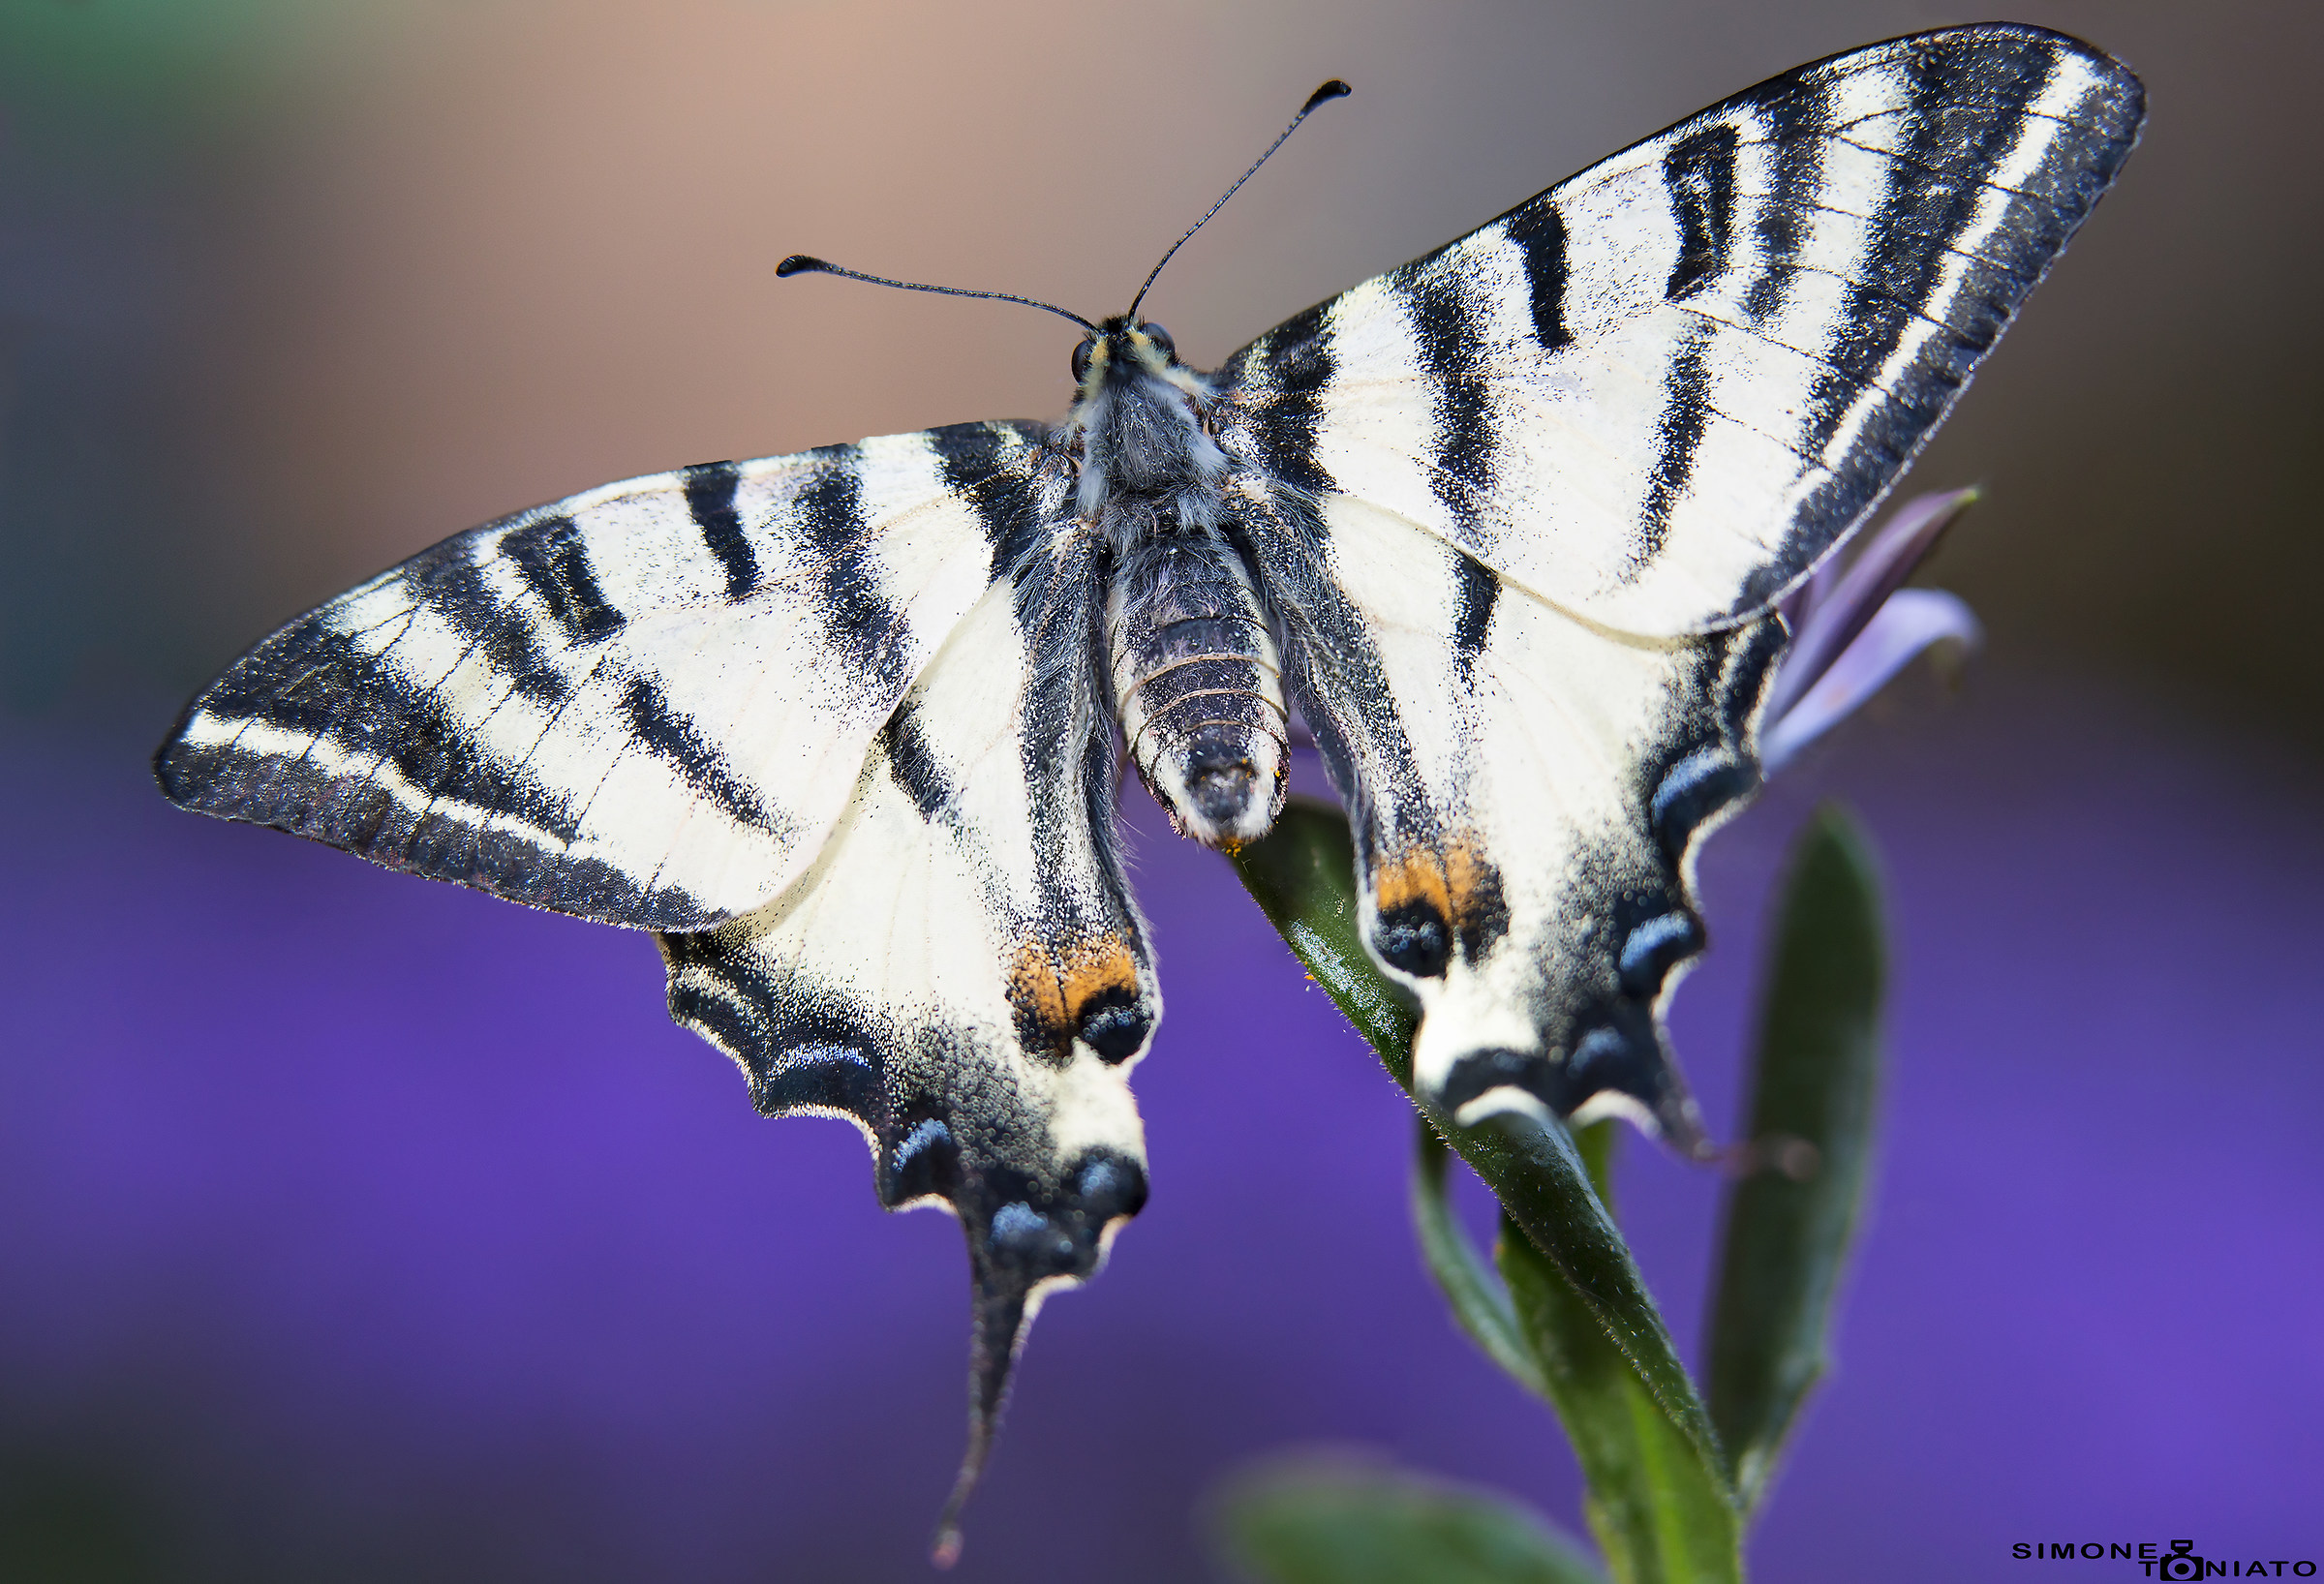 Махаон интересные факты. бабочка махаон: описание, интересные факты для детей. что любят бабочки махаон в домашних условиях, сколько живут? какого цвета бывают бабочки махаоны: фото. особенности и сре